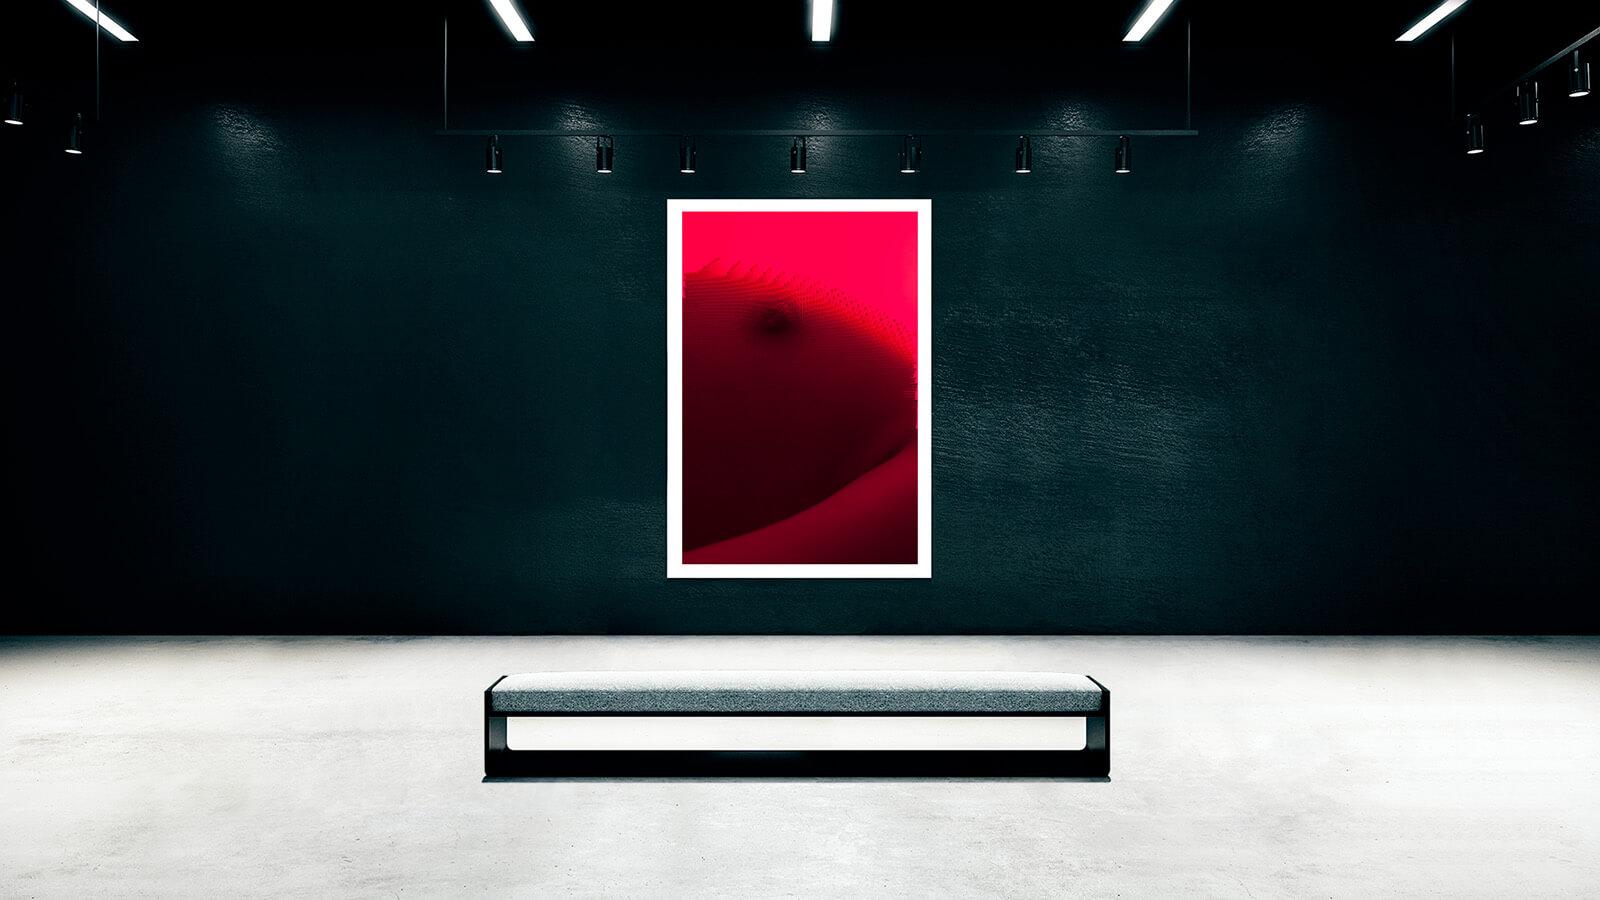 Hummo-reconstruction-exposicion-Horno-Virtual-Gallery-galeria-arte-fotografia-artistica-edicion-limitada-decoracion-breast